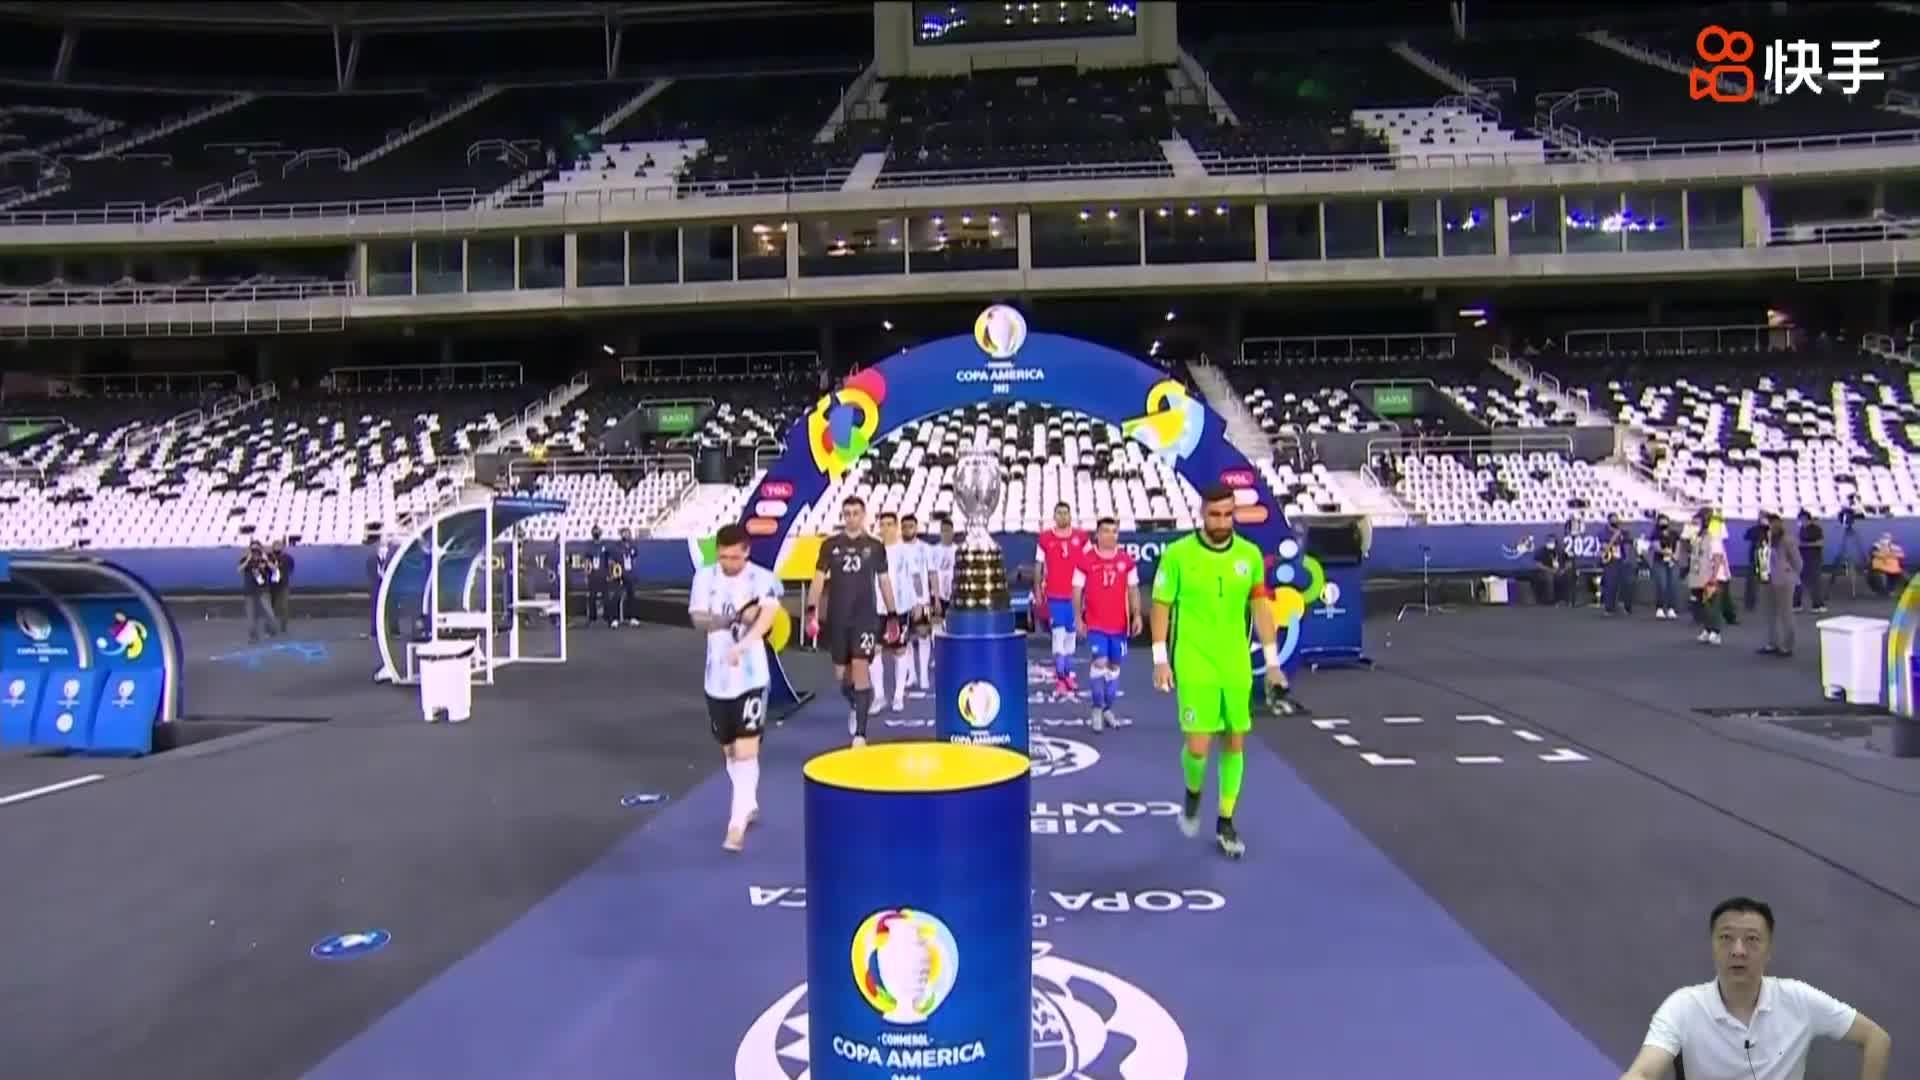 【快手集锦】美洲杯-梅西任意球破门巴尔加斯建功 阿根廷1-1智利